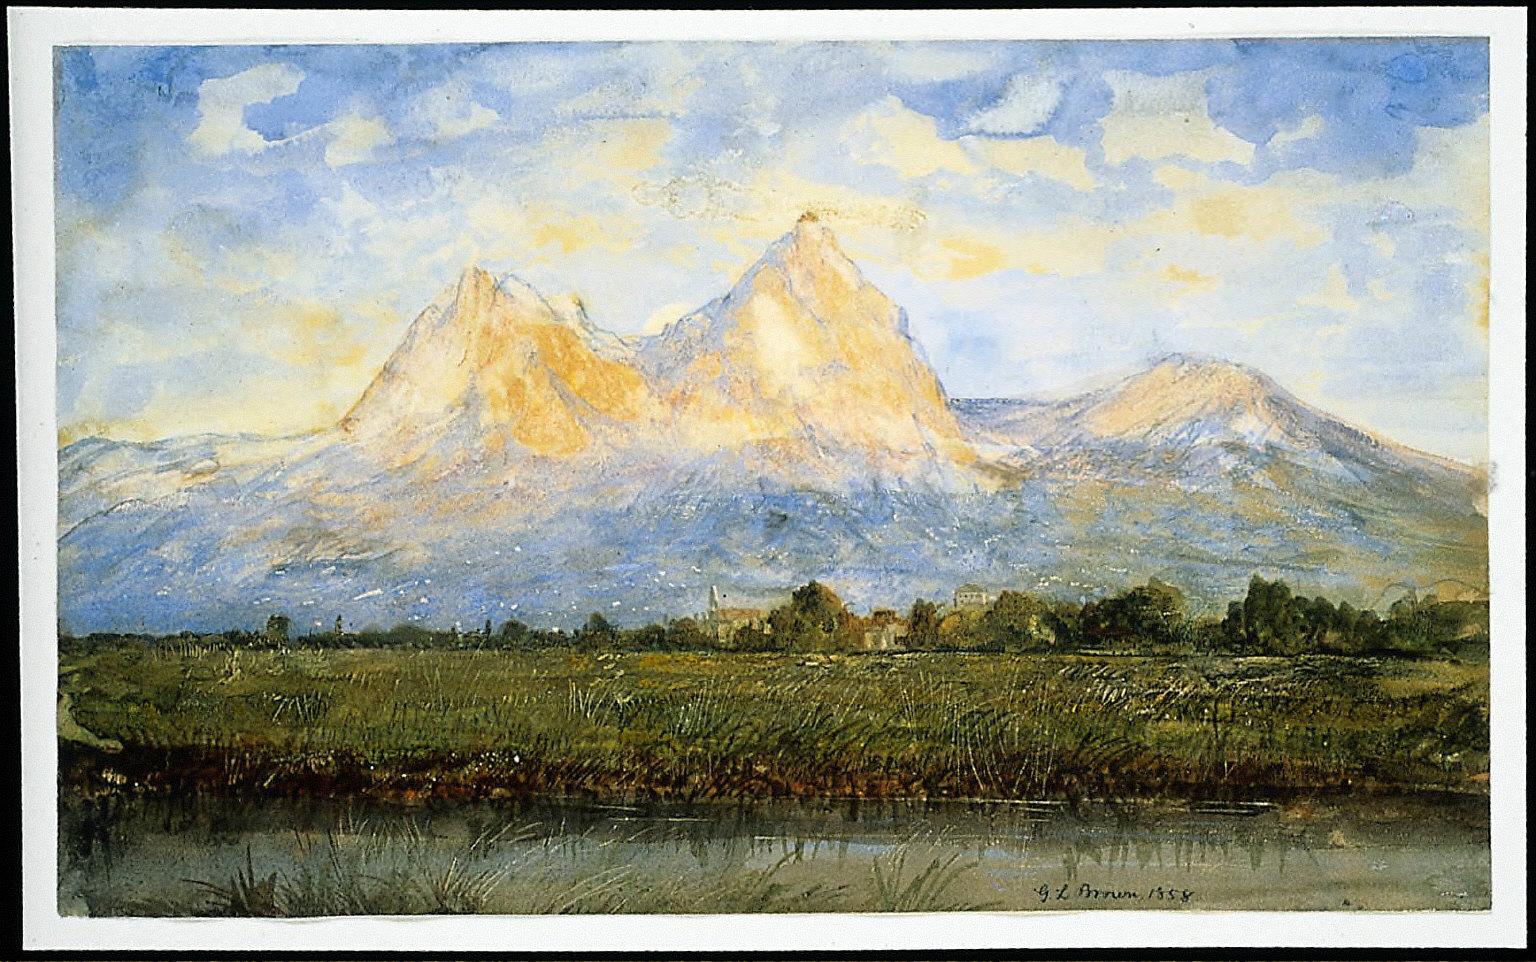 View of The Mythens near Schwyz